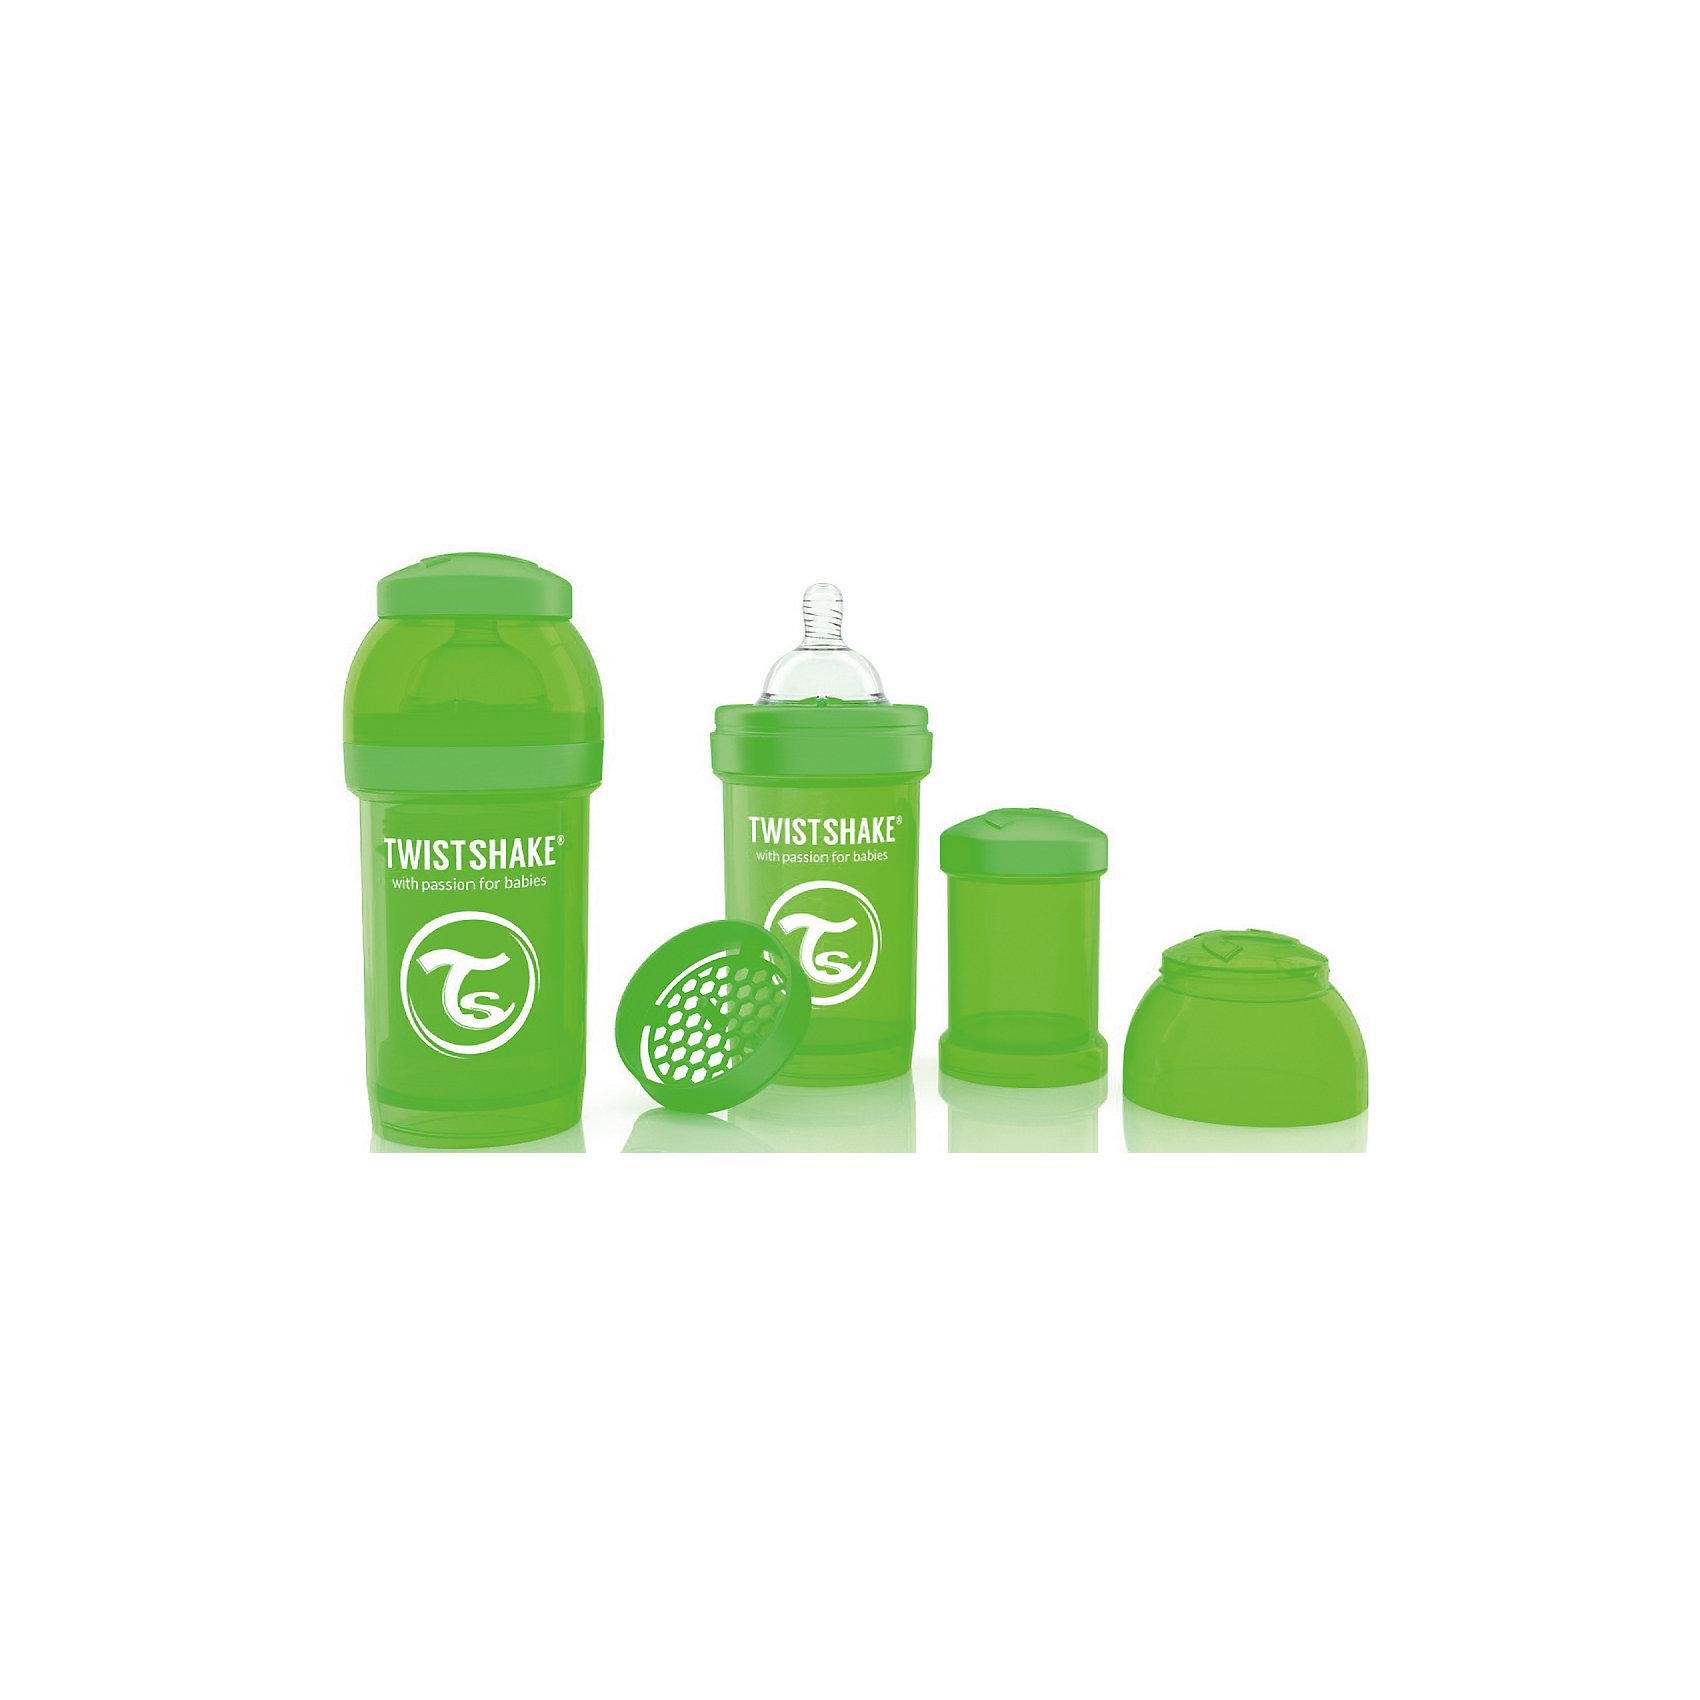 Антиколиковая бутылочка 180 мл., Twistshake, зелёныйБутылочки и аксессуары<br>Антиколиковая бутылочка 180 мл., зелёный от шведского бренда Twistshake (Твистшейк), придет по вкусу малышам и современным родителям. Эти бутылочки идут в комплекте с контейнером для сухой смеси, чтобы можно было готовить смесь в любом месте непосредсвенно перед кормлением. Также в комплект входит решеточка для разбивки комочков смеси, делая саму смесь идеальной. Материал бутылочки имеет свойства сохранения температуры, не содержит бисфенол А. Удобная форма горлышка обеспечивает доступ к полной промывки бутылочки, можно стерилизовать как холодным, так и горячим методами. Небольшой контейнер для смеси (100 мл.) можно использовать для хранения еды, например печенья или кусочков яблока. Соска бутылочки имеет ортодонтичную форму, благодаря специальному клапану и строению предотвращает попадание воздуха и снижает вероятность появления коликов у крохи. Все предметы складываются в бутылочку для удобной транспортировки и хранения. Также можно купить бутылочки разных цветов и комбинировать их в любимые цветовые сочетания.<br><br>Дополнительная информация:<br><br>- В комплект входит: бутылочка с соской 180 мл., контейнер с крышкой 100 мл., решетка, крышка для бутылочки.<br>- Состав бутылочки: 100% пропиллен<br>- Состав соски: силикон<br><br>Антиколиковую бутылочку 180 мл., Twistshake, зелёный можно купить в нашем интернет-магазине.<br>Подробнее:<br>• Для детей в возрасте: от 0 до 1 года<br>• Номер товара: 4976041<br>Страна производитель: Китай<br><br>Ширина мм: 70<br>Глубина мм: 70<br>Высота мм: 160<br>Вес г: 152<br>Возраст от месяцев: 0<br>Возраст до месяцев: 12<br>Пол: Унисекс<br>Возраст: Детский<br>SKU: 4976041